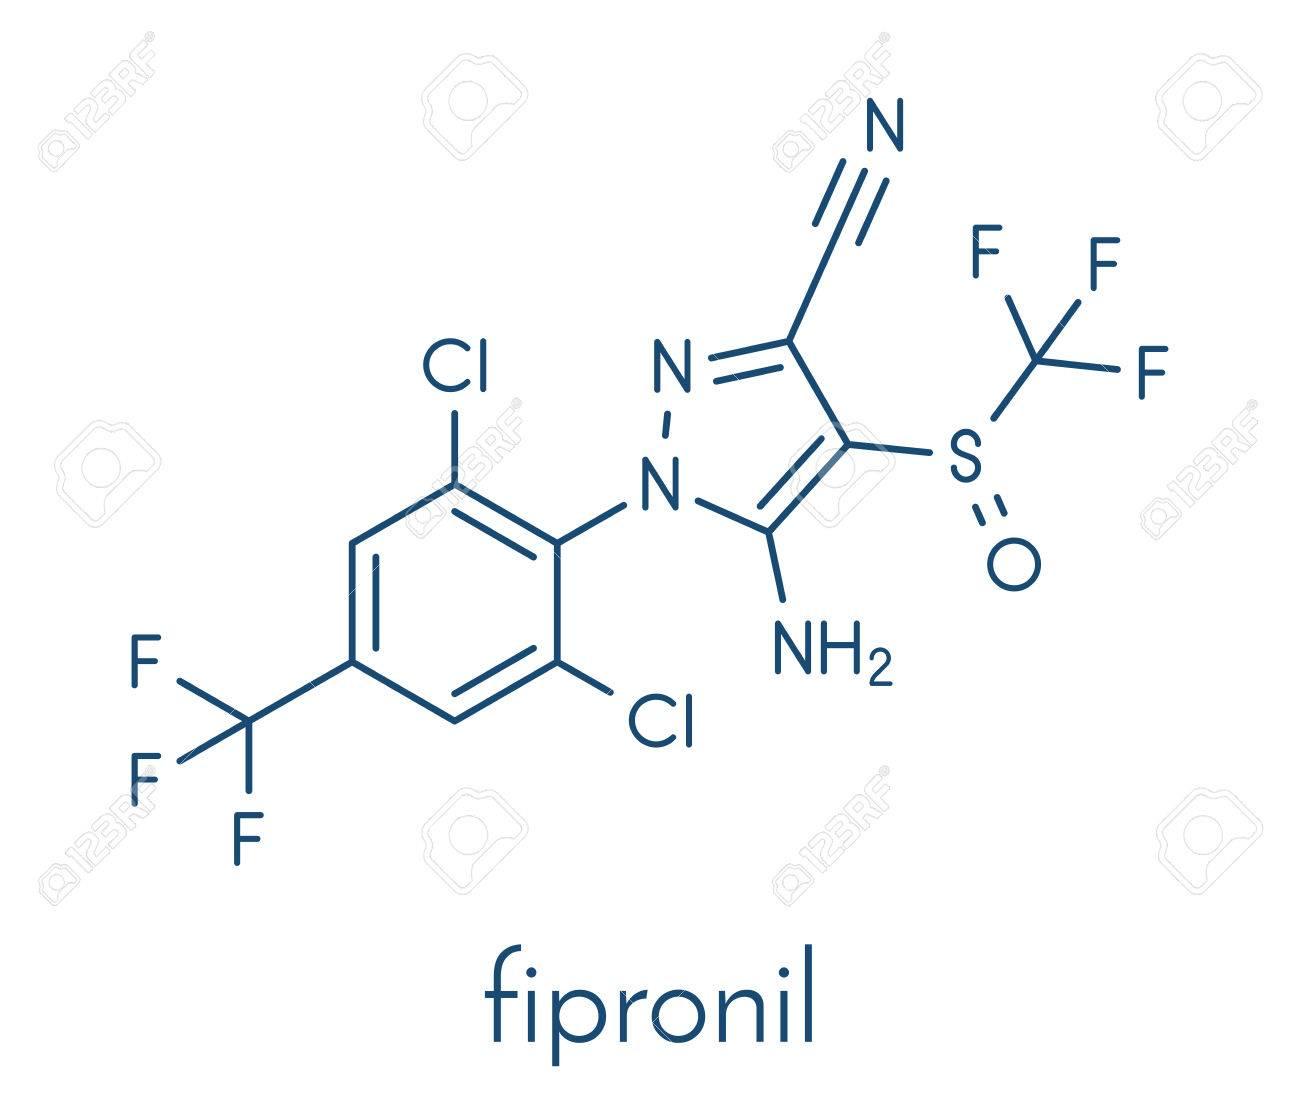 フィプロニル殺虫剤分子。 ロイ...